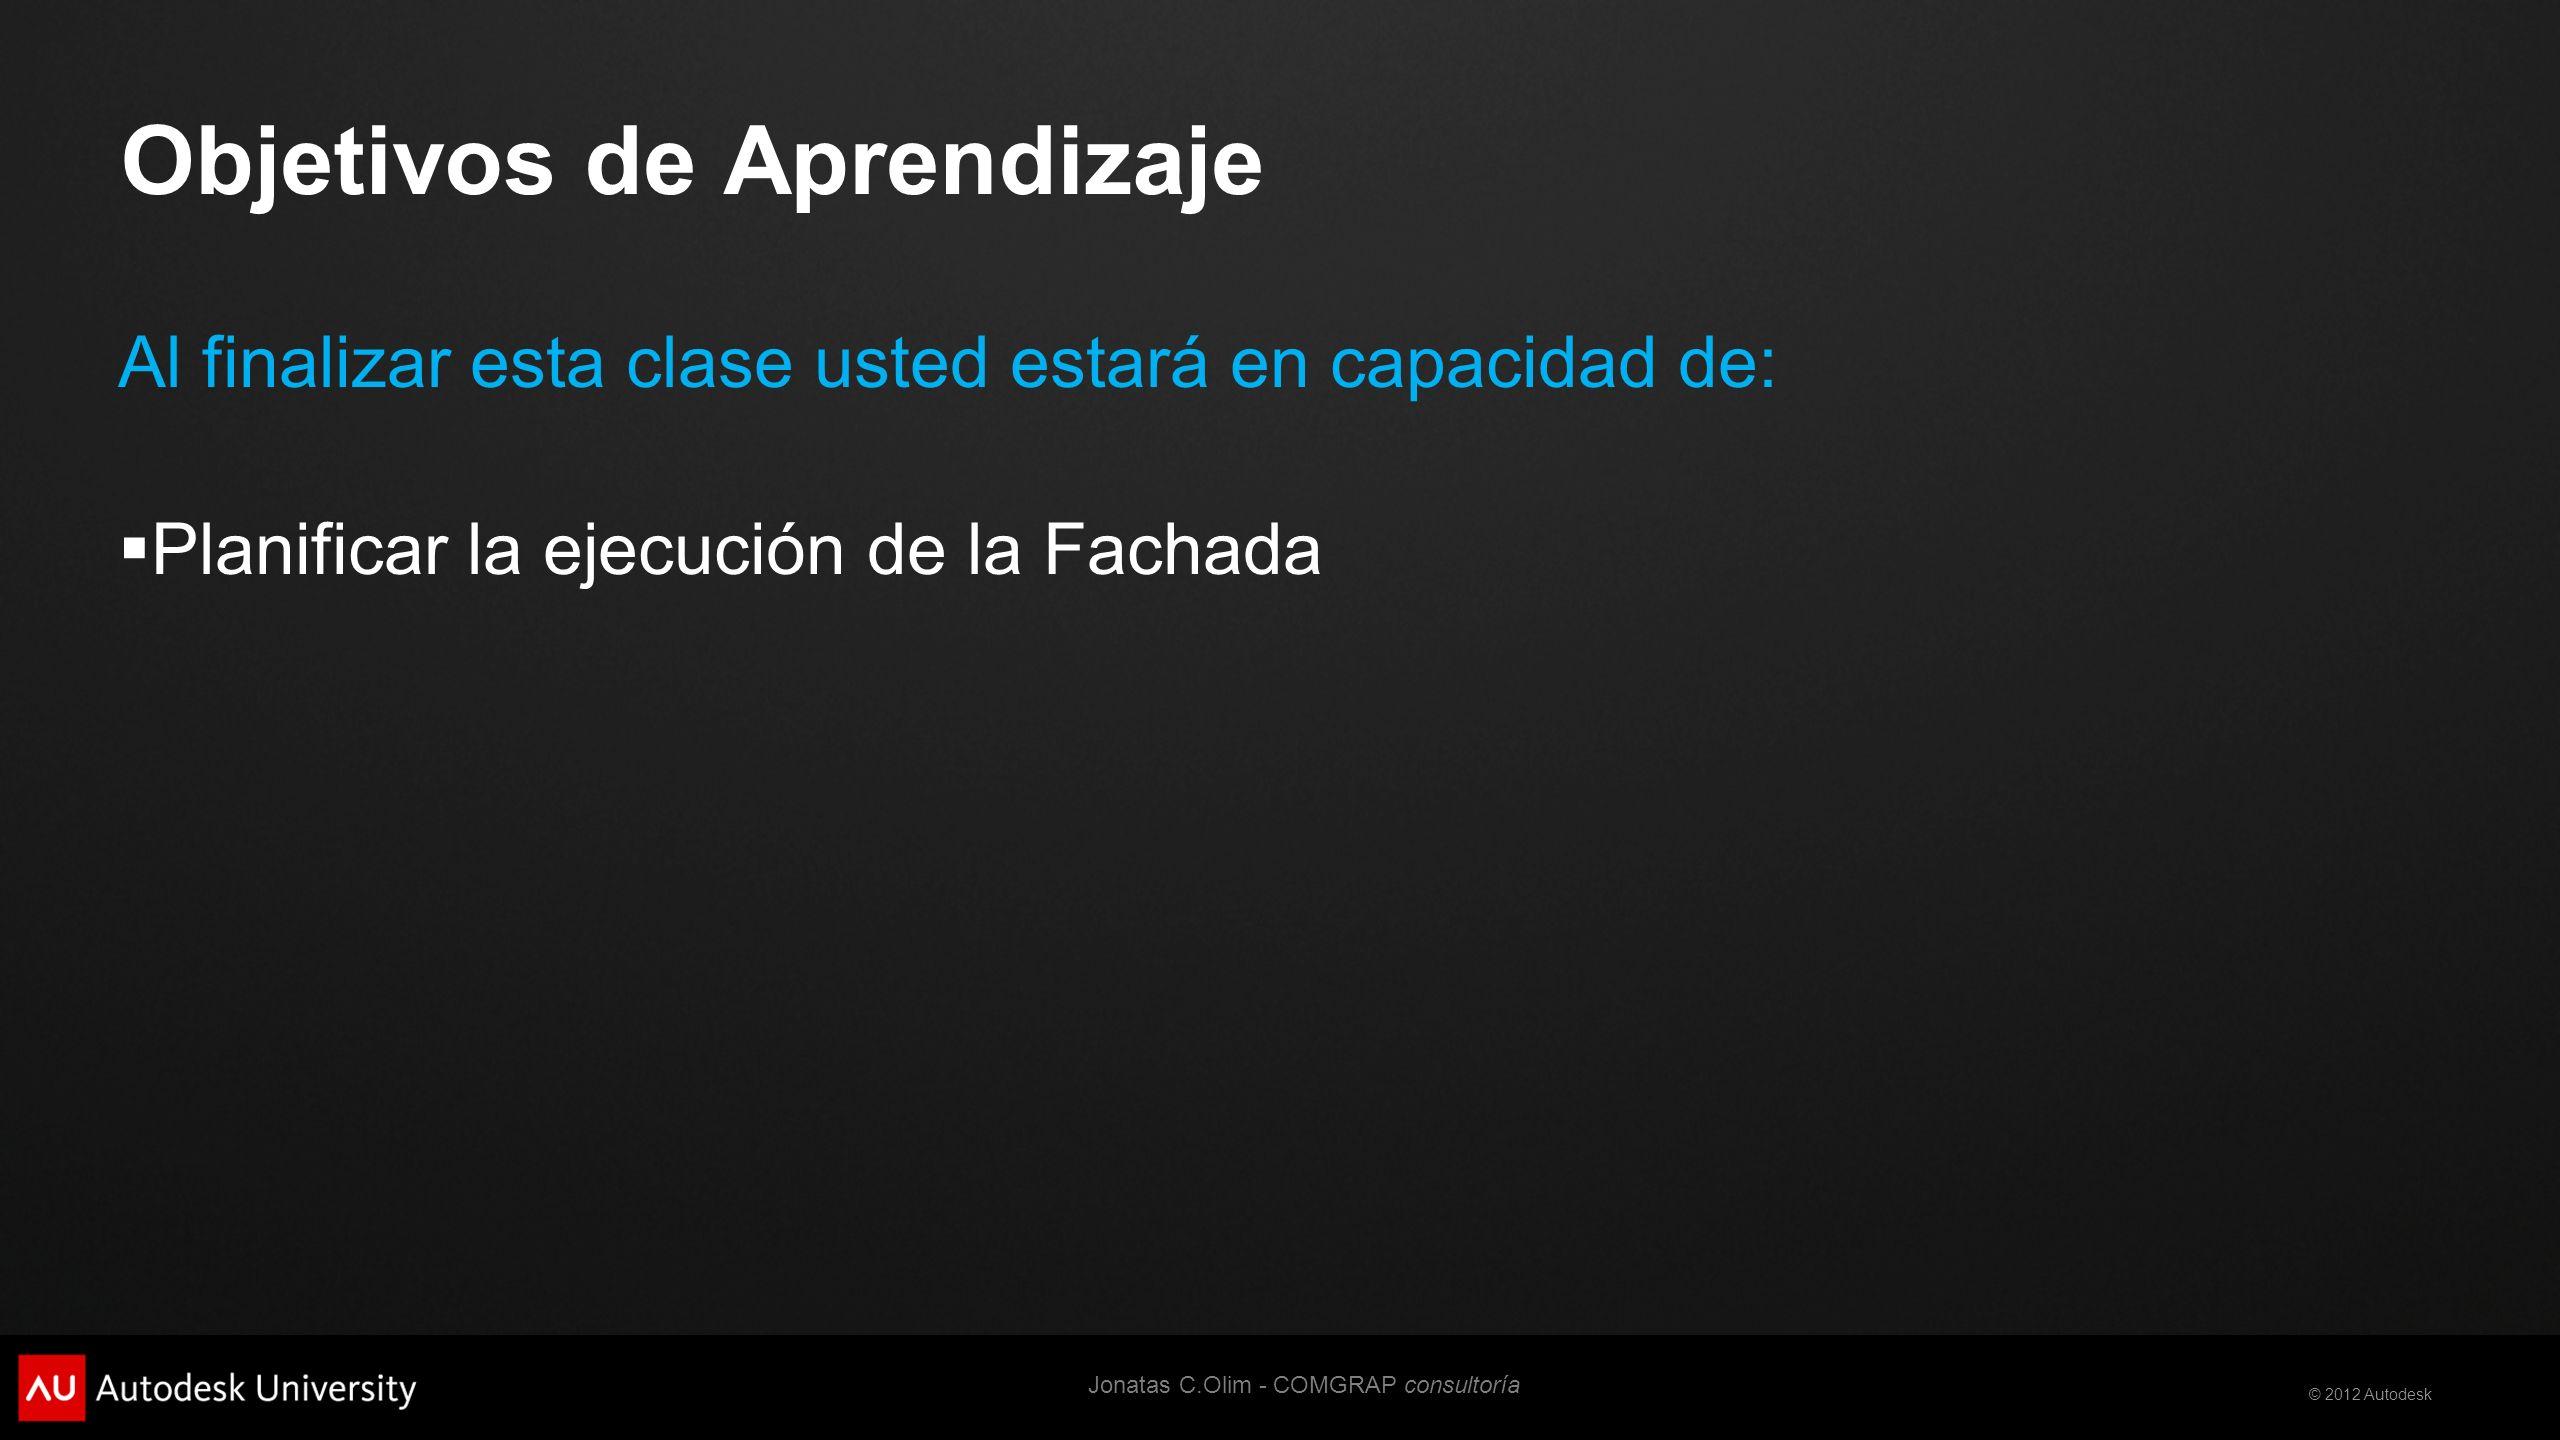 © 2012 Autodesk Objetivos de Aprendizaje Al finalizar esta clase usted estará en capacidad de: Planificar la ejecución de la Fachada Jonatas C.Olim - COMGRAP consultoría